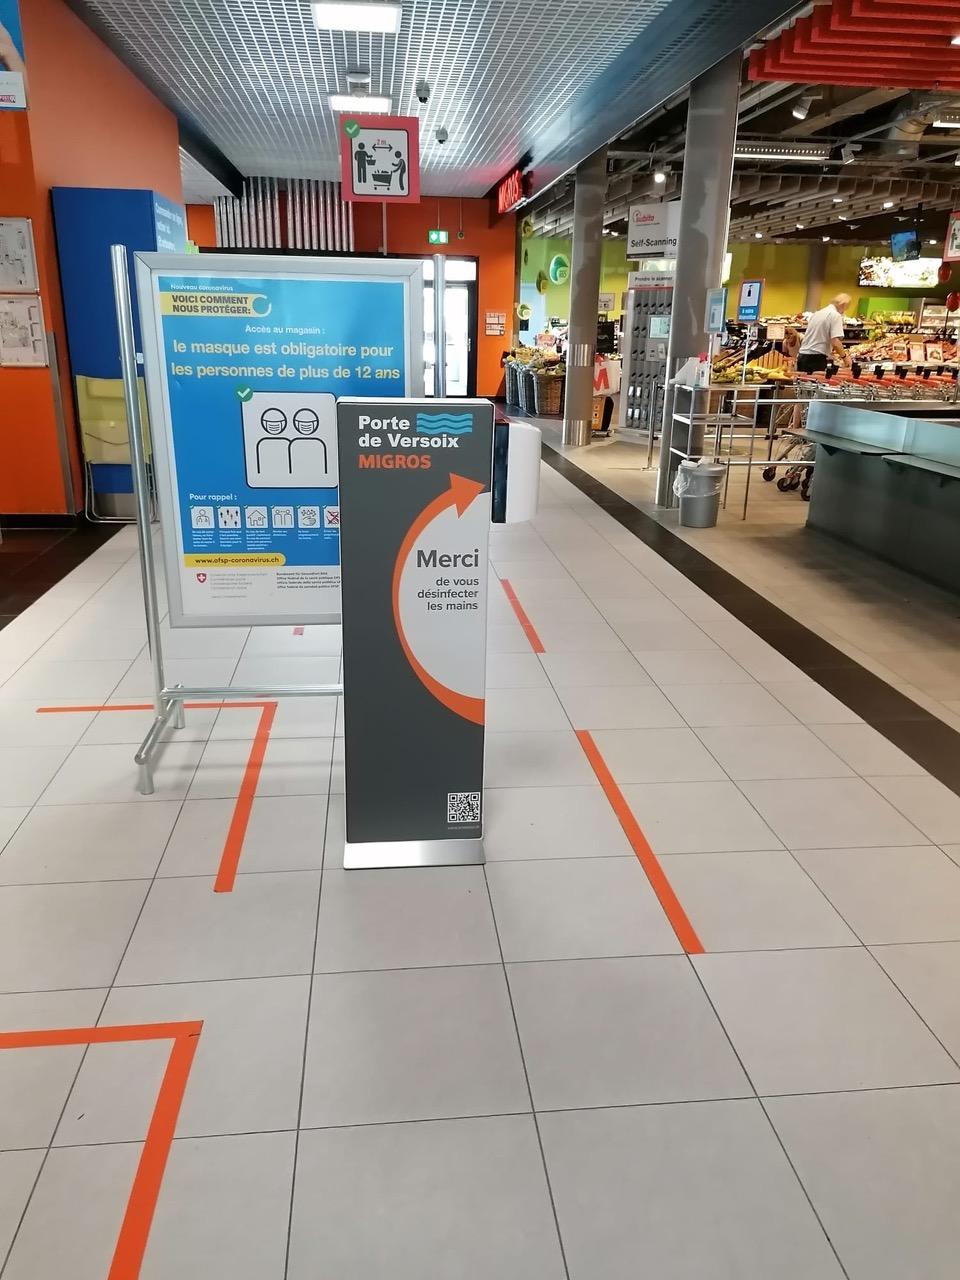 Distributeur solution hydroalcoolique safe station Migros Porte de Versoix Protectio